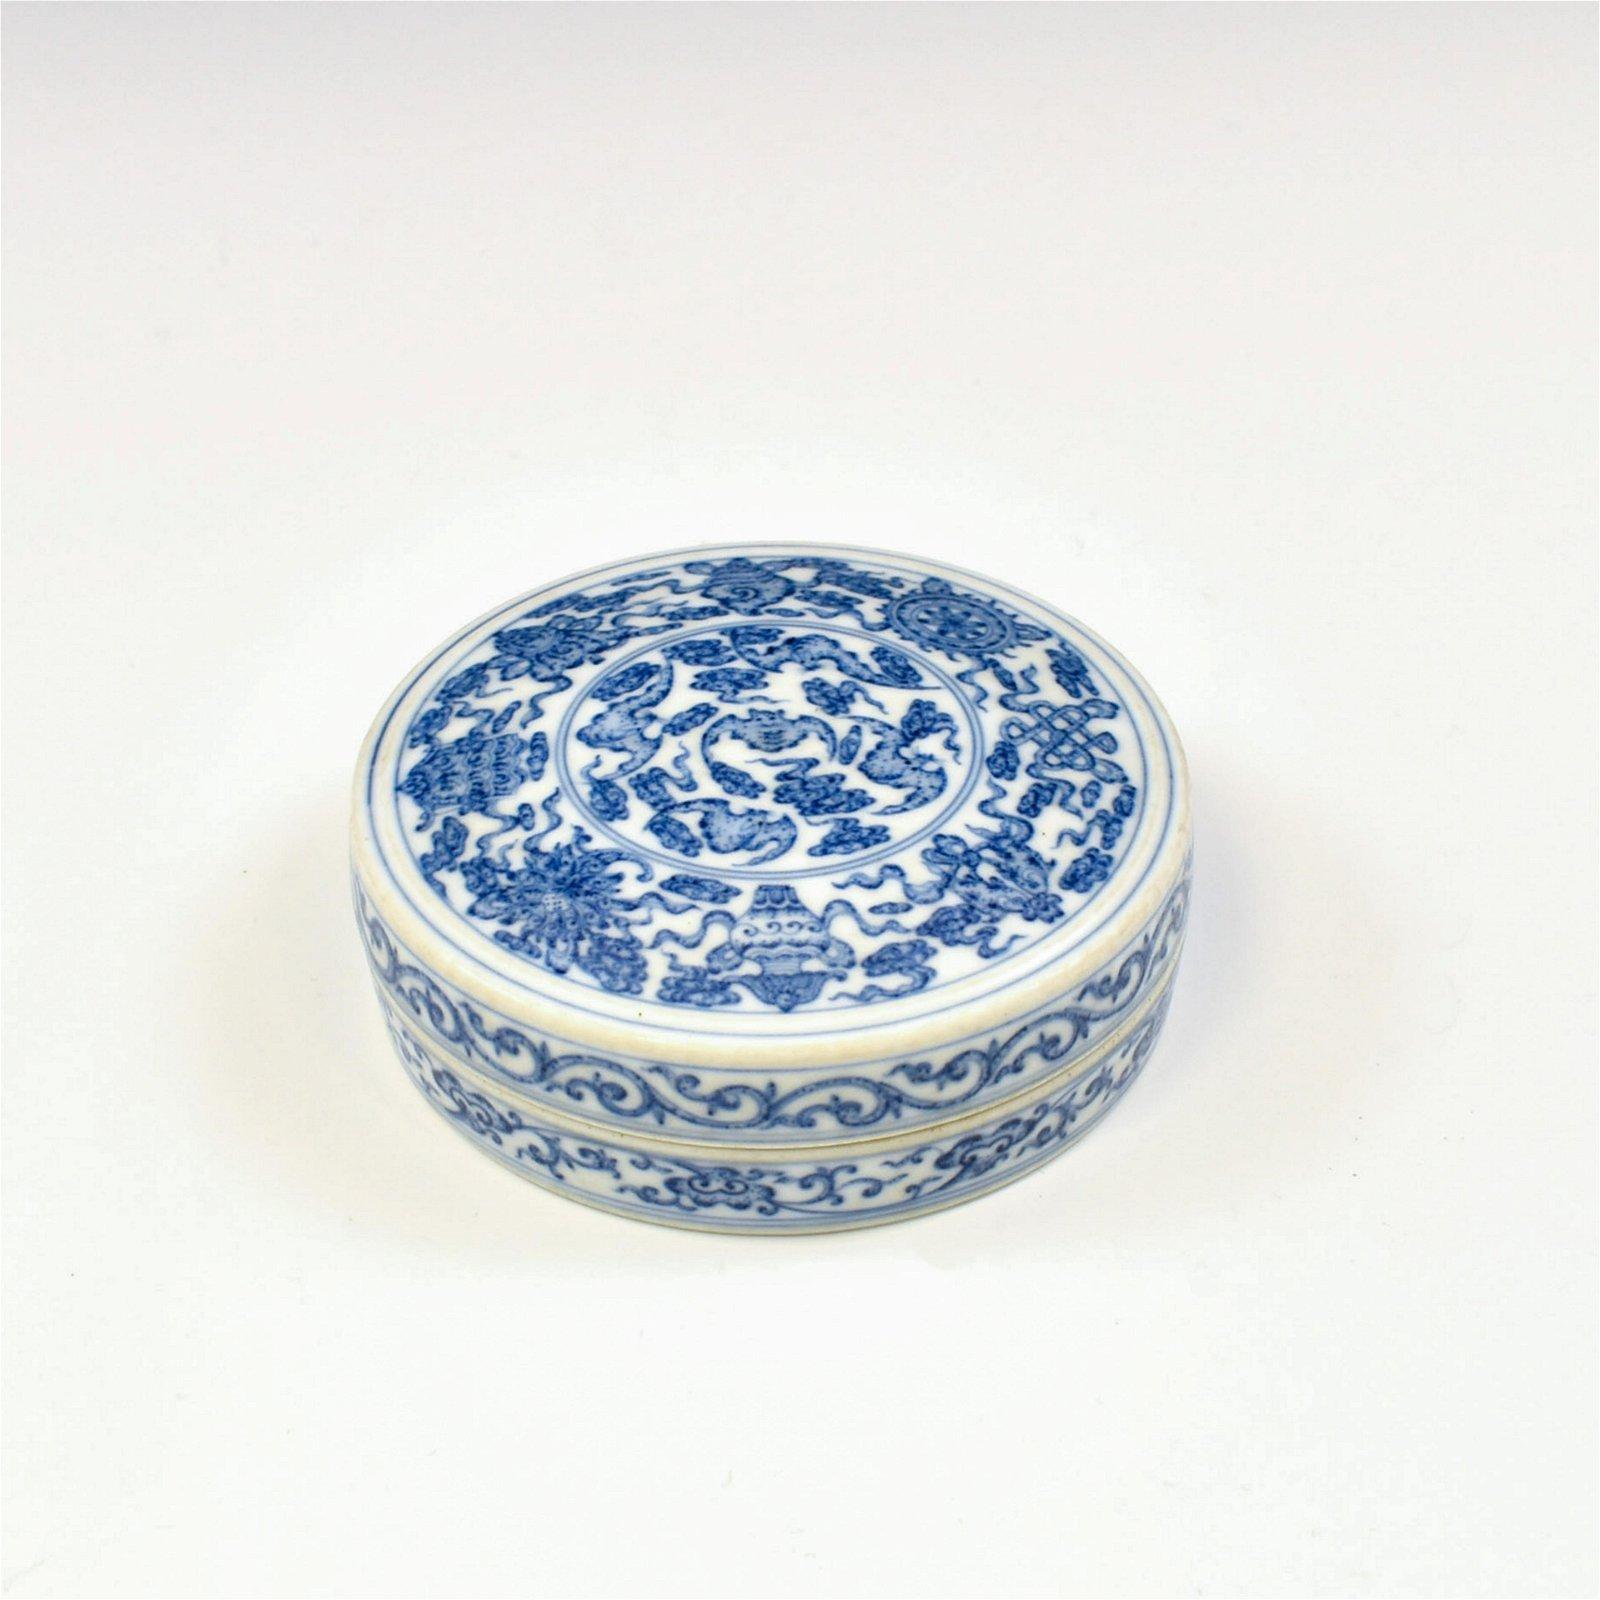 YONGZHENG BLUE & WHITE WRAPPED FLORAL INK BOX